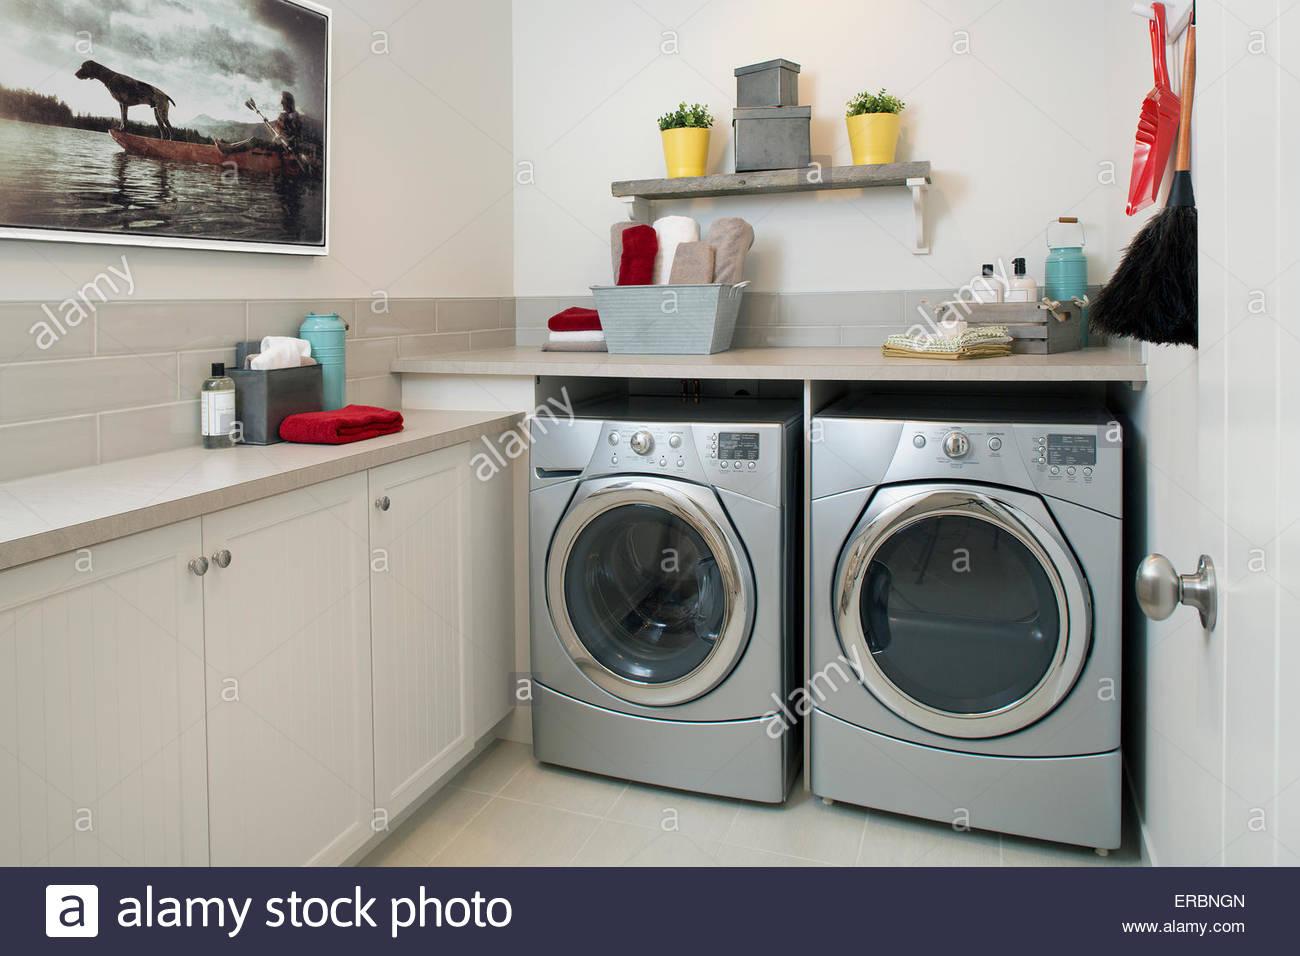 Efficienza energetica lavatrice e asciugatrice lavanderia Immagini Stock